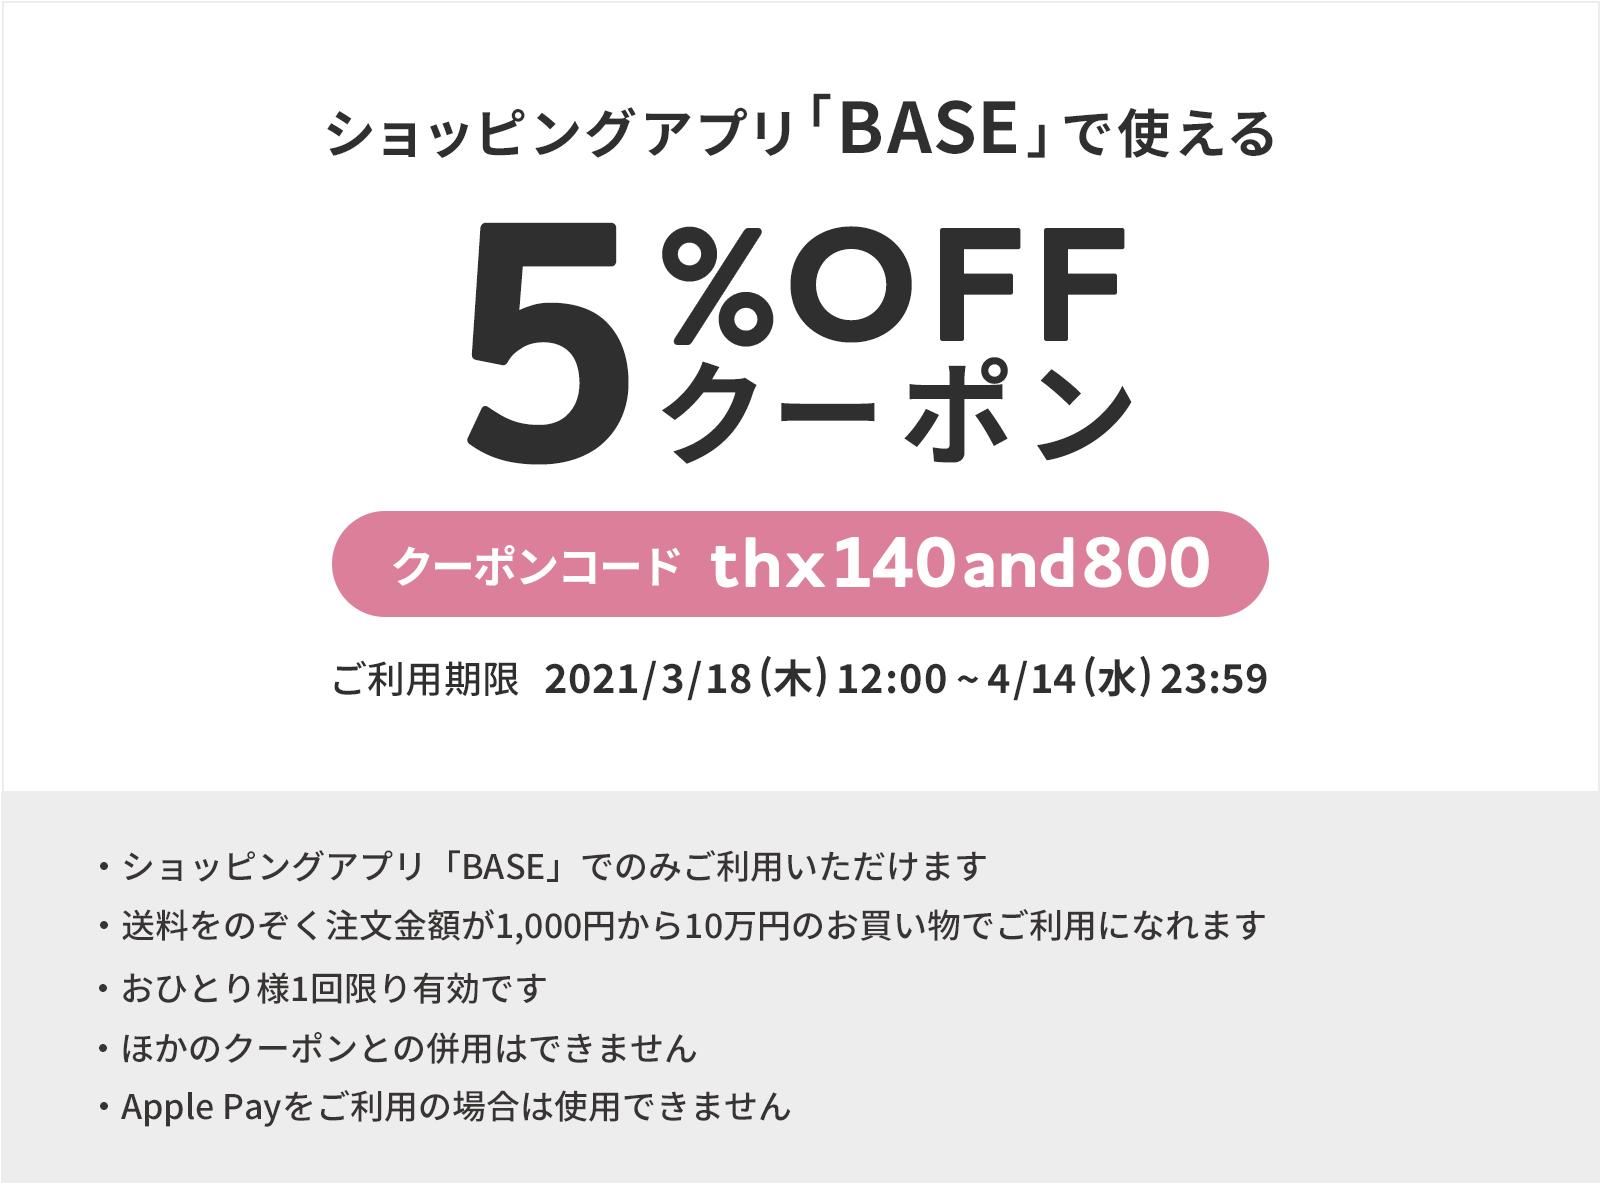 【3/18~4/14 期間限定!】アプリBASEで、5%OFFクーポンをプレゼント♪